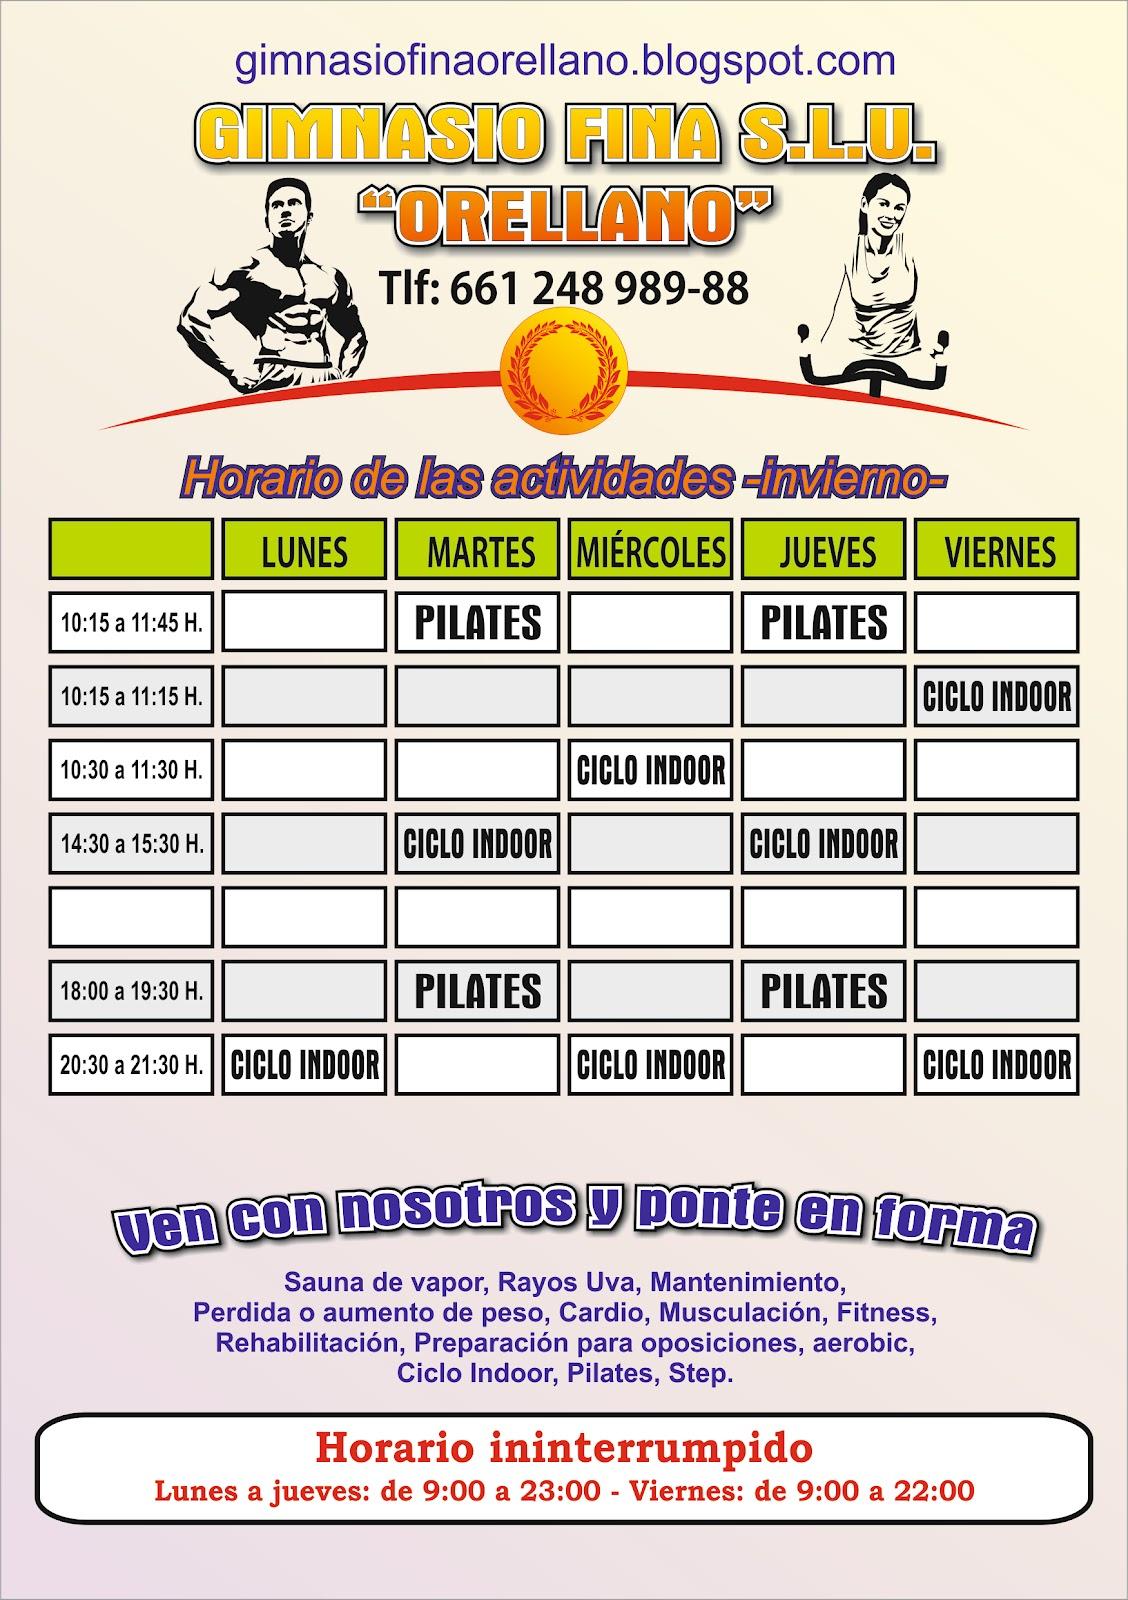 Gimnasio fina s l u orellano horarios for Horario gimnasio